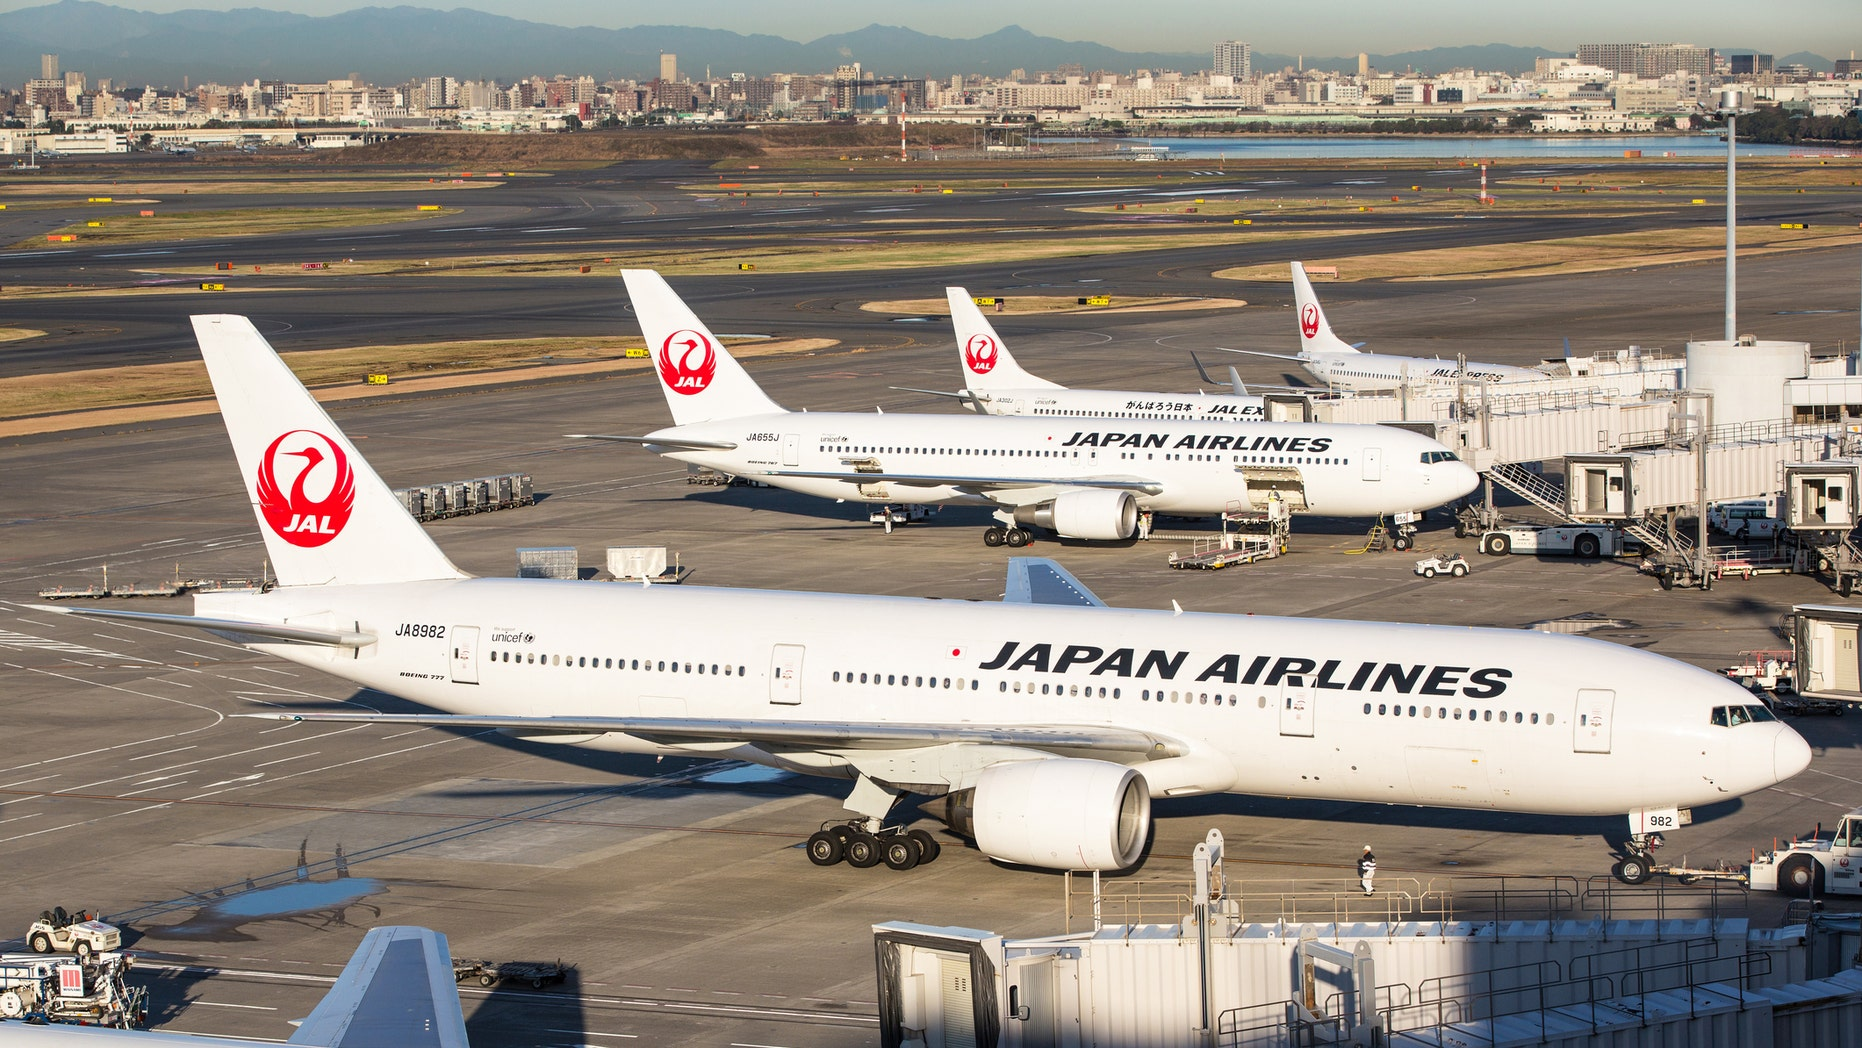 Katsutoshi Jitsukawa was arrested Sunday at Heathrow Airport for violating British aviation law.